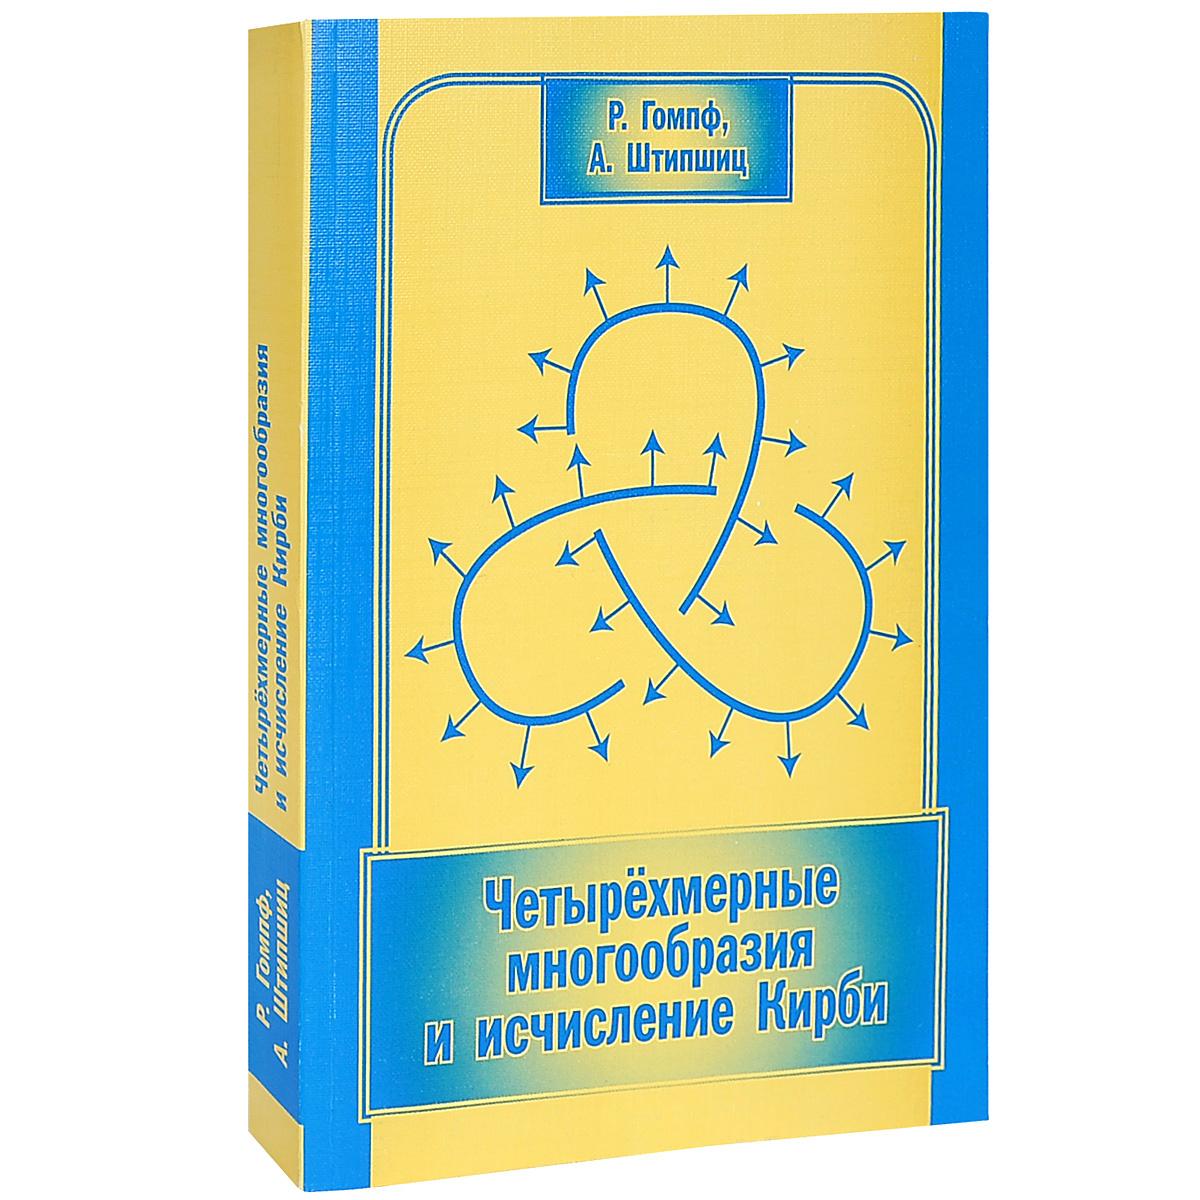 Четырехмерные многообразия и исчисление Кирби | Гомпф Роберт, Штипшиц Андраш  #1